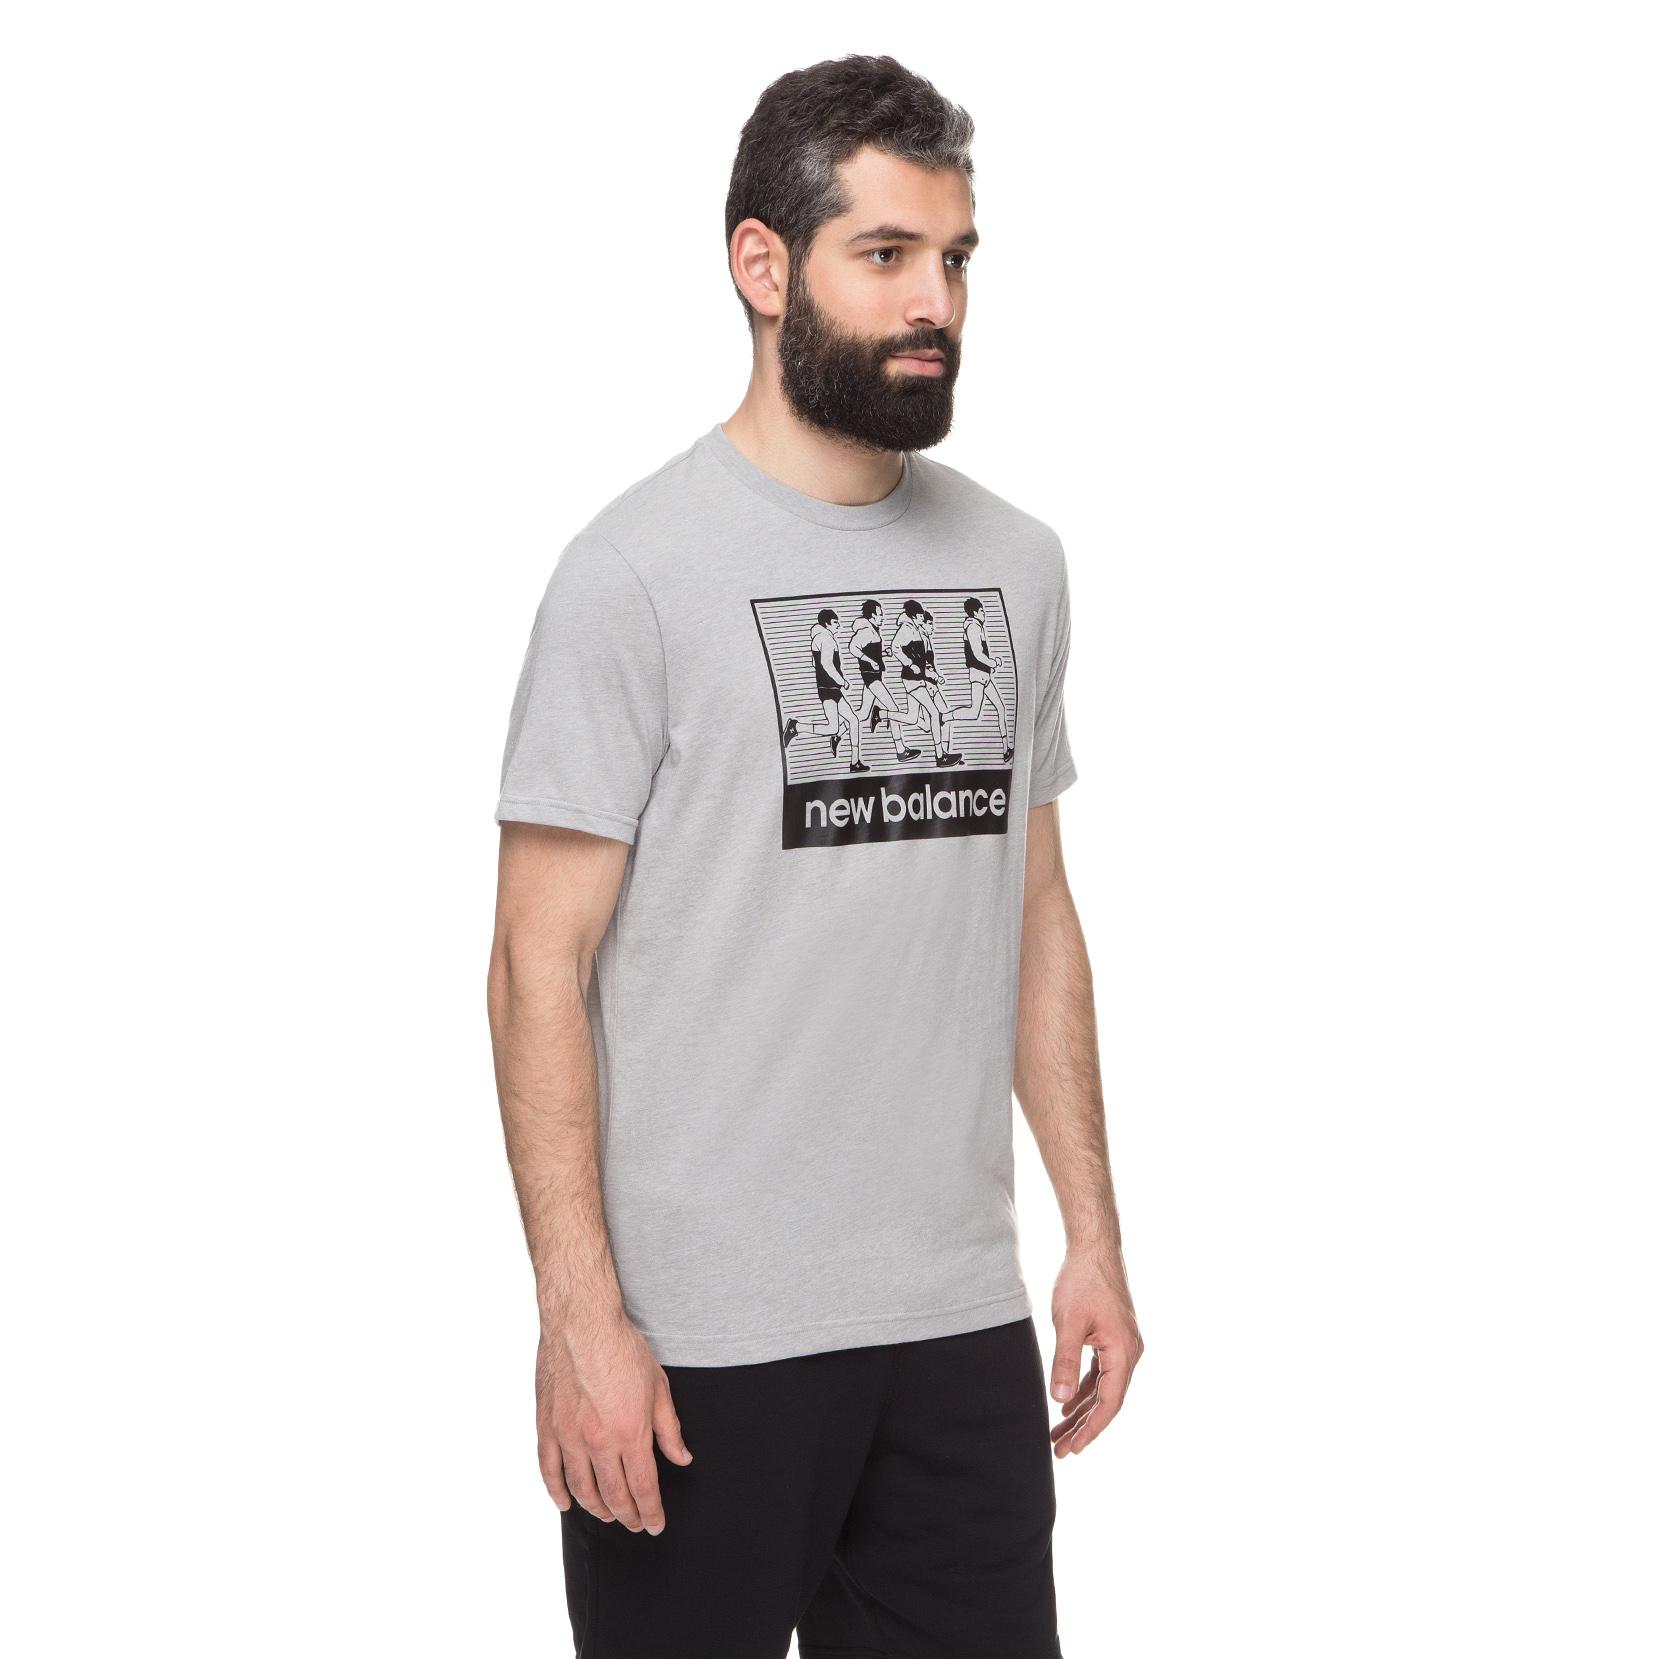 Футболка NB Runner Graphic Tee для чоловіків MT91925AGM | New Balance